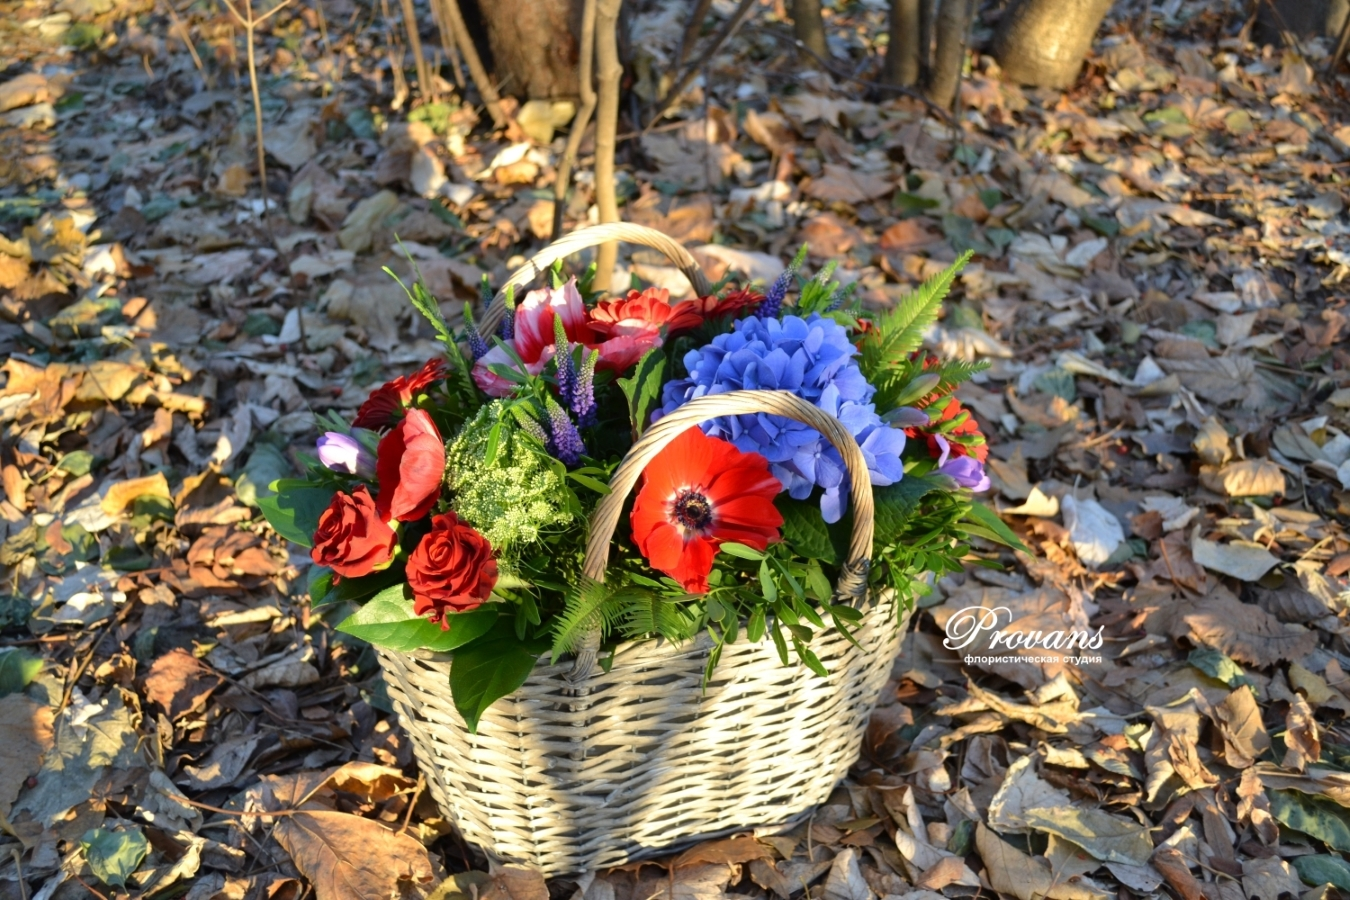 Корзина с весенними цветами. Розы, анемоны, гортензия, герберы, фрезия